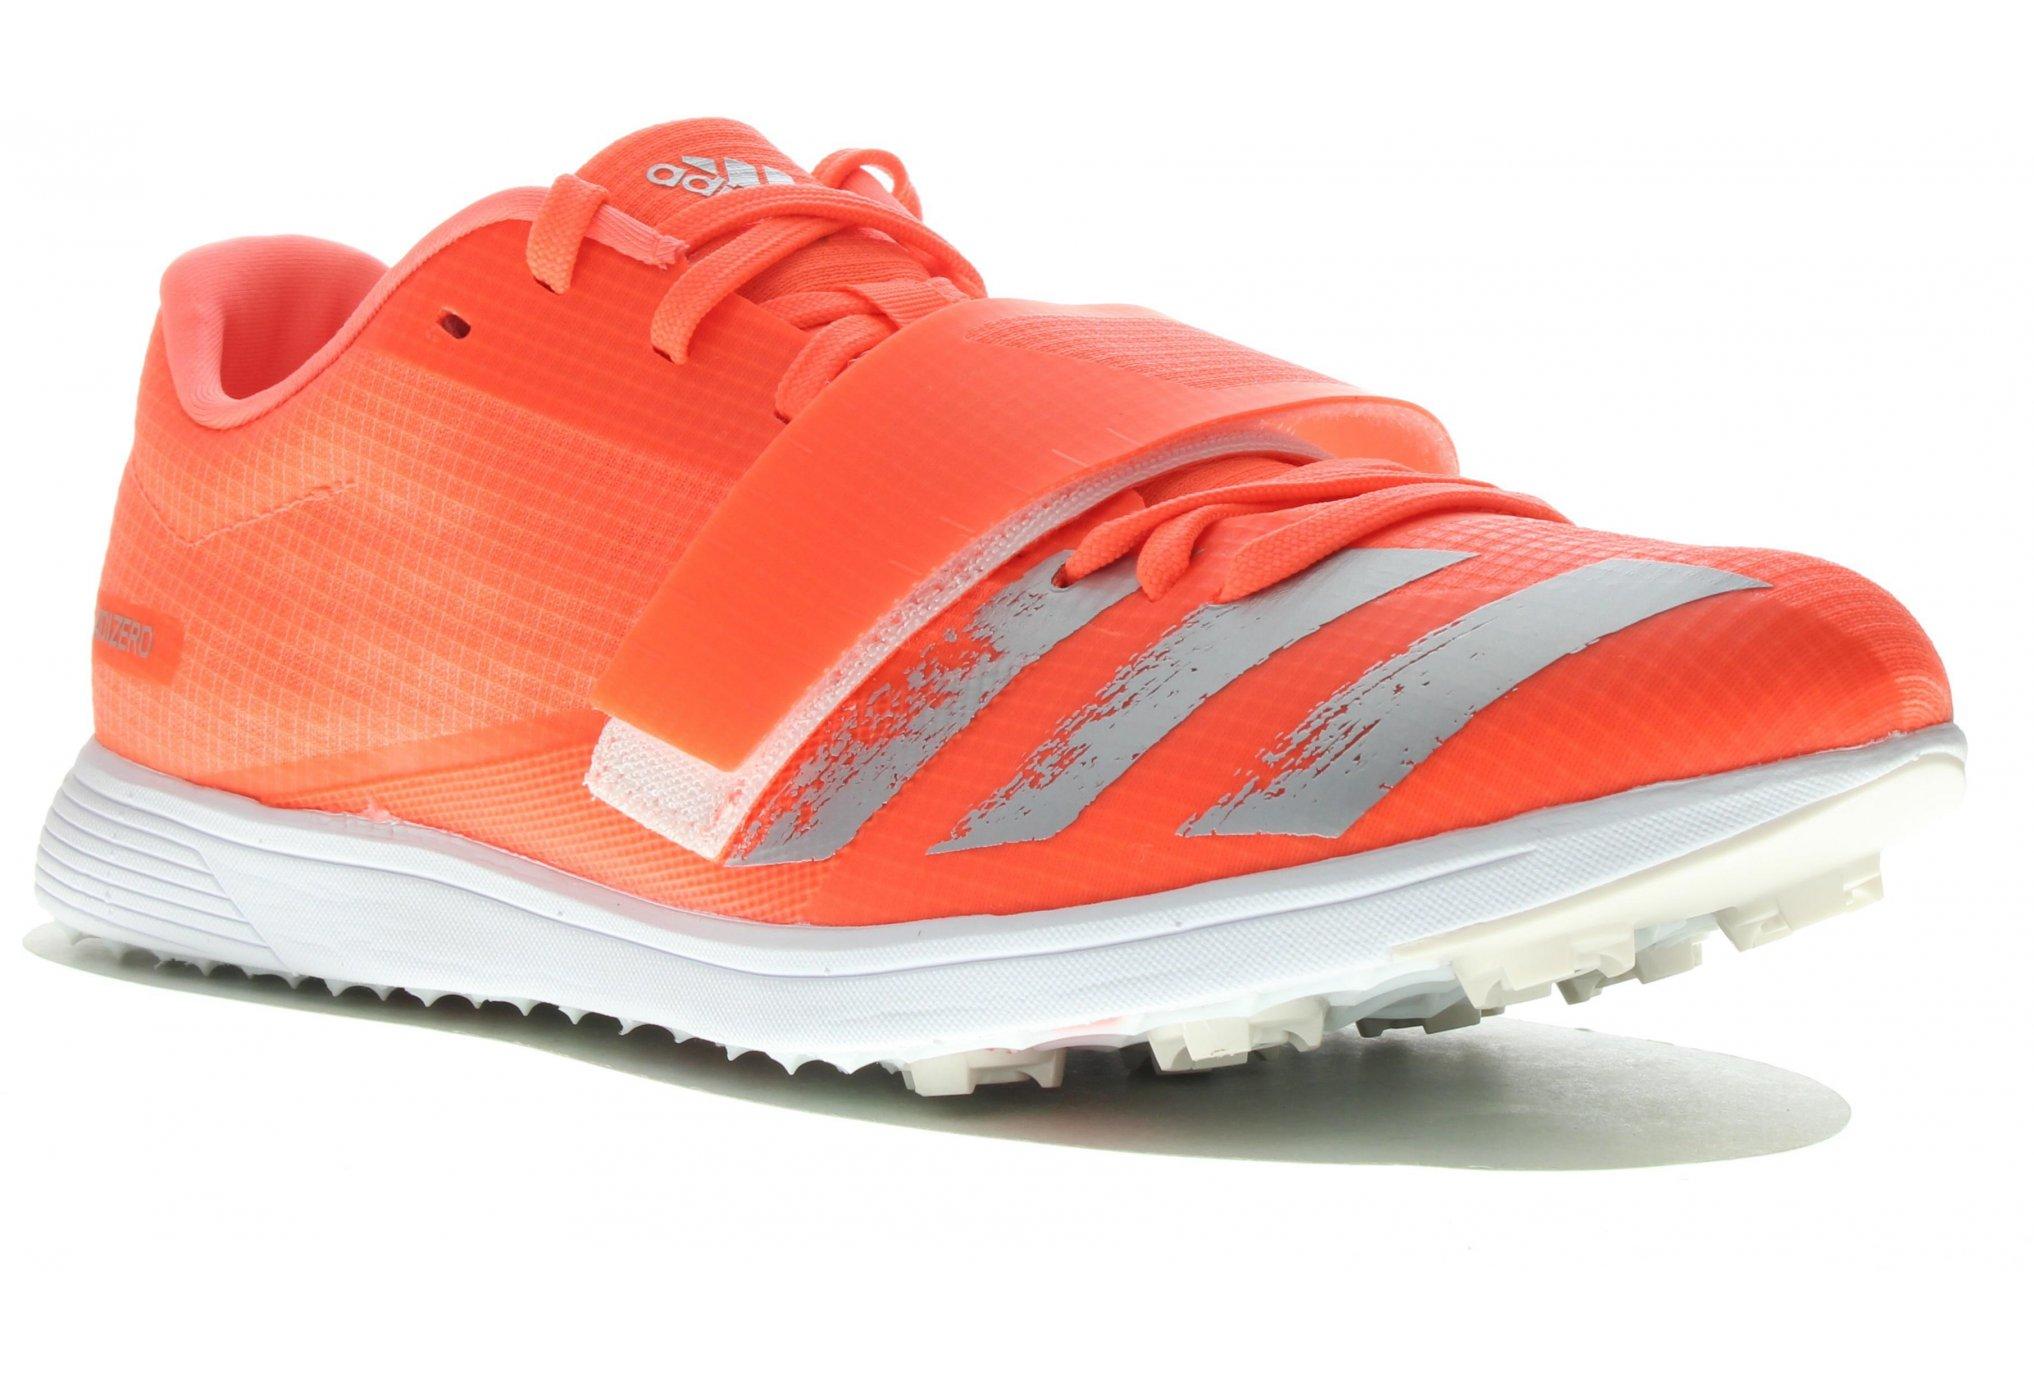 adidas adizero TJ/PV M Chaussures homme